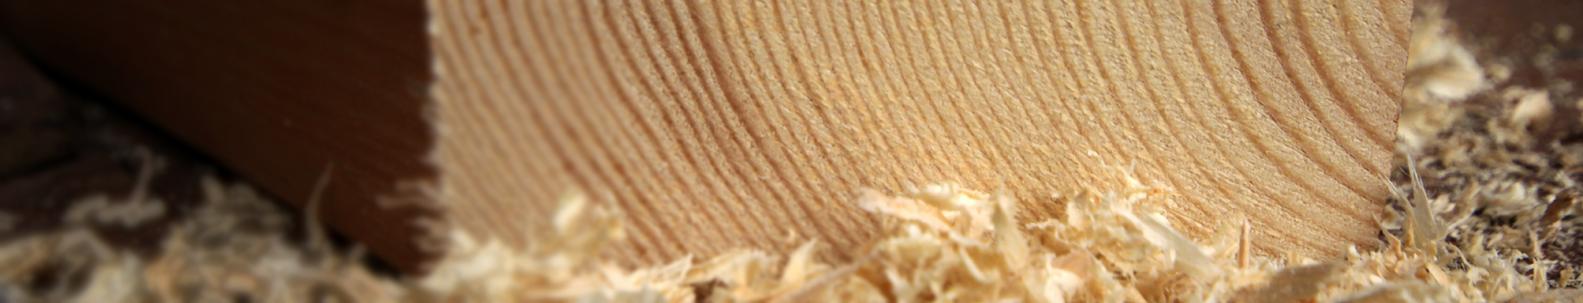 Frezavimo staklės